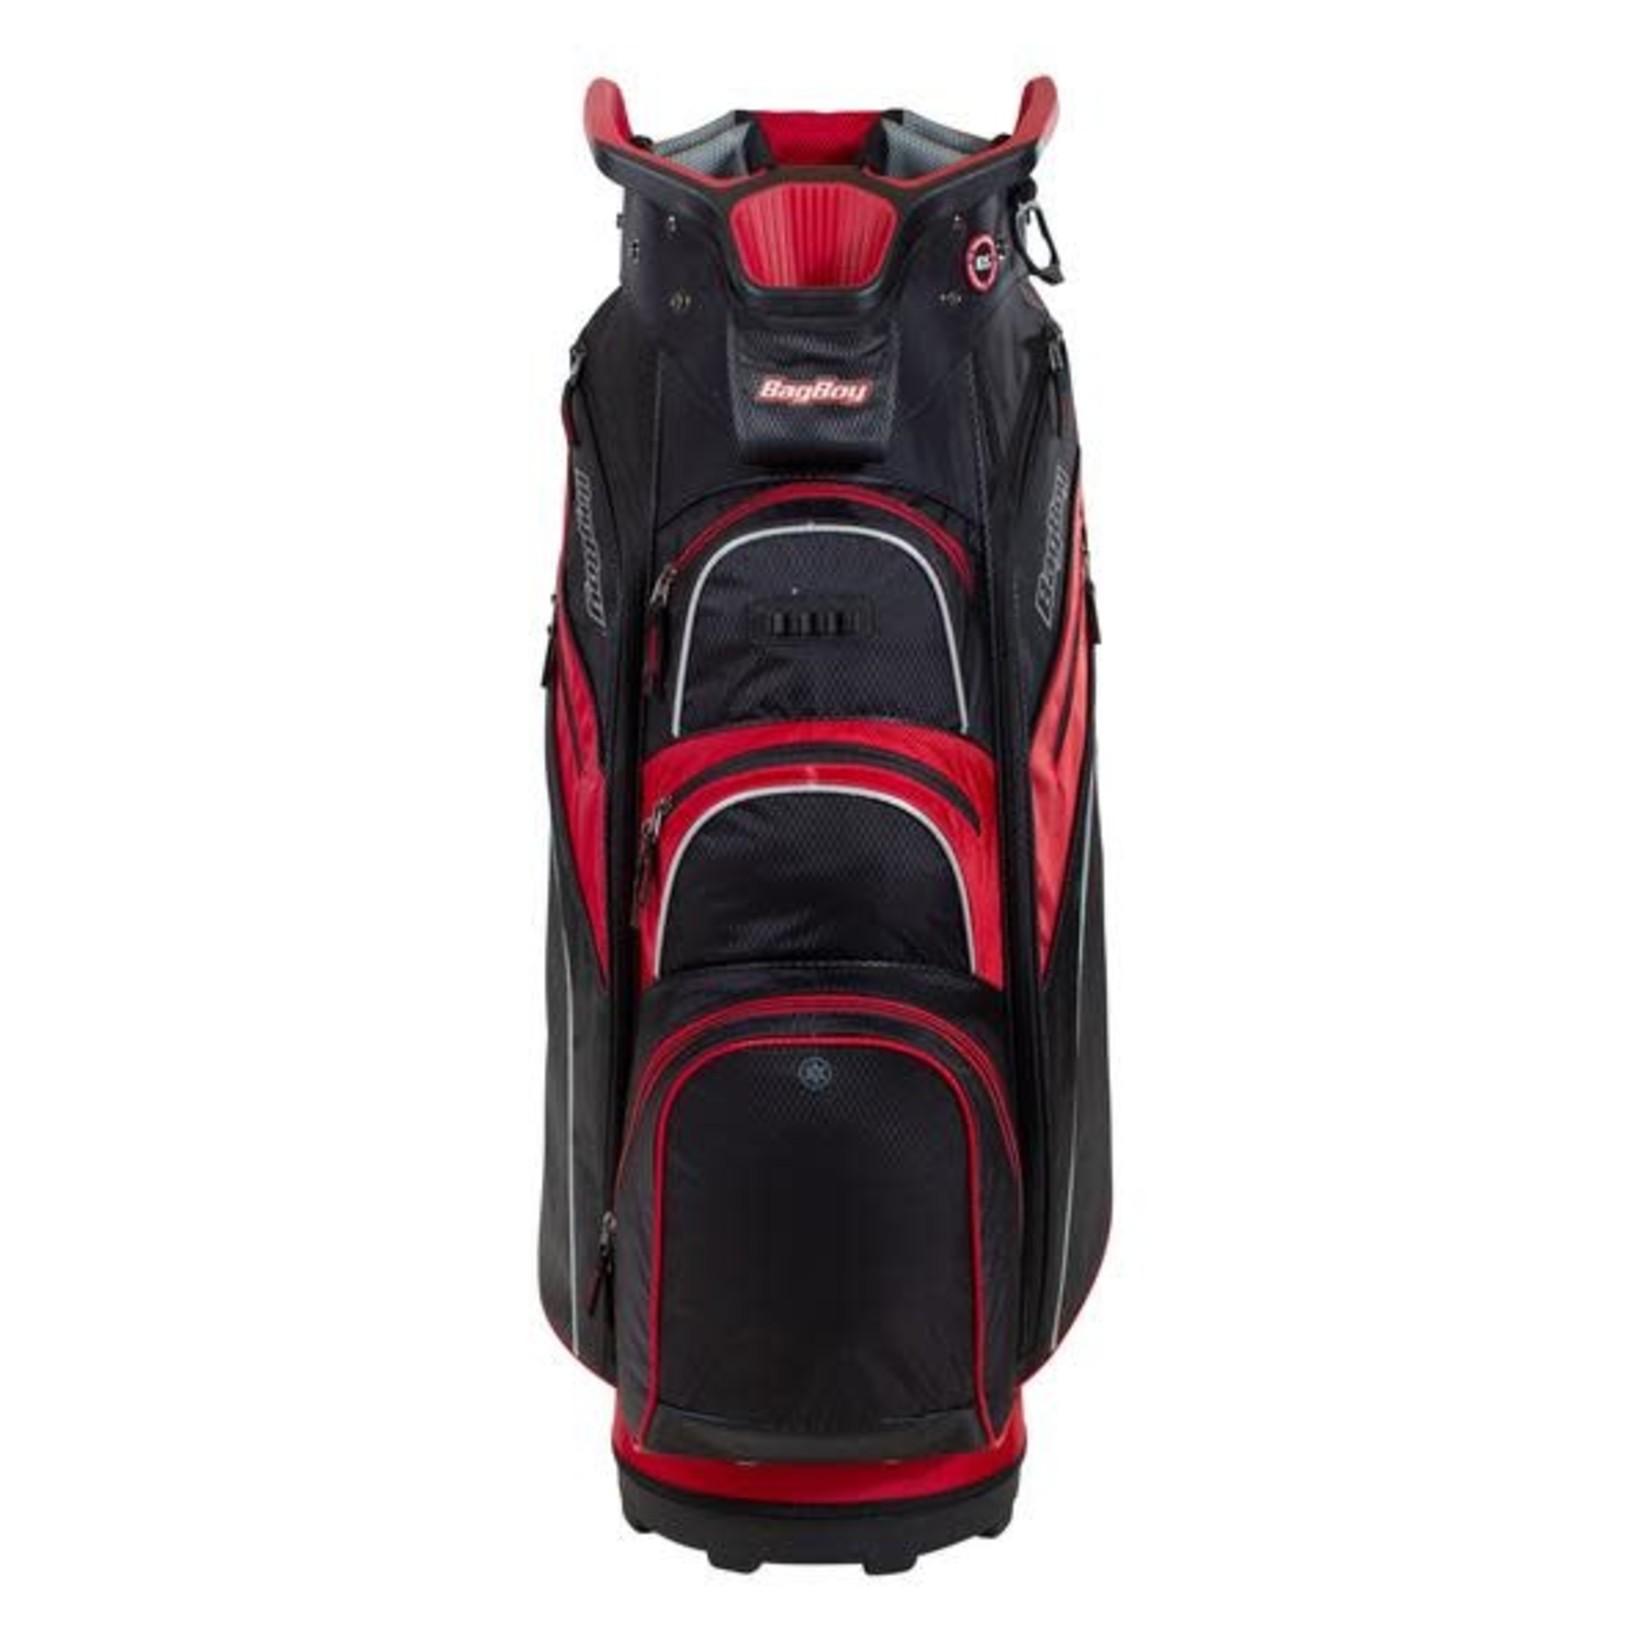 BagBoy Bagboy Lite Rider Pro Cartbag Black/Red